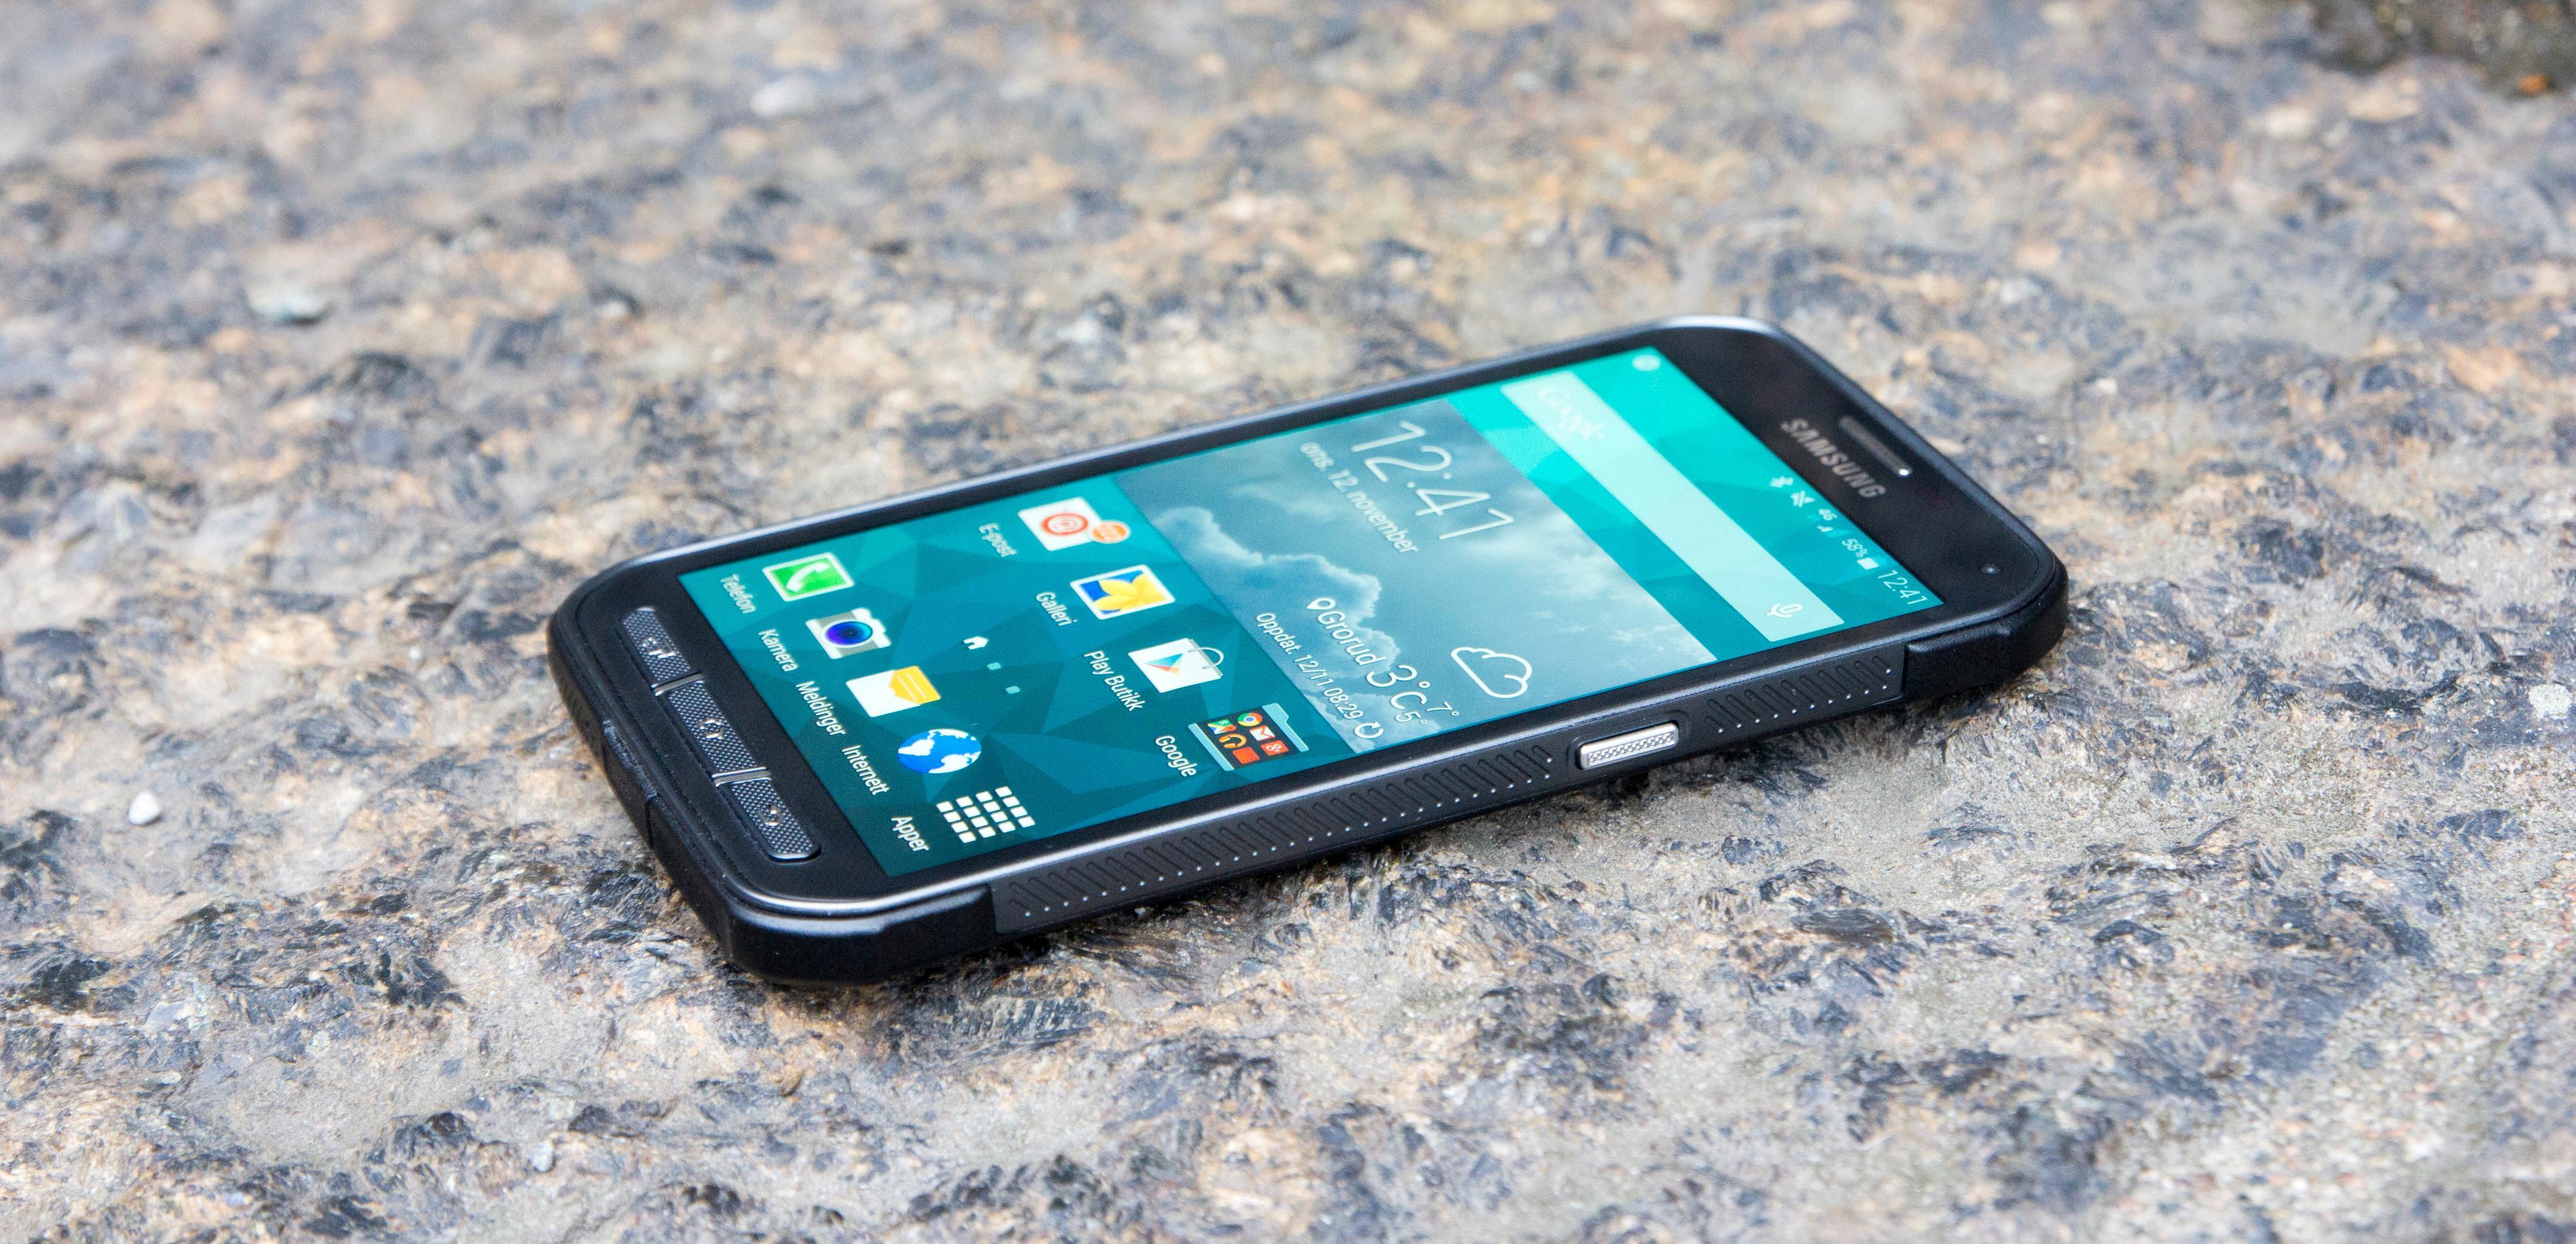 Galaxy S5 Active skal være testet og anerkjent som støtsikker etter MIL-STD-810-kravene. Dette garanteres imidlertid ikke, og med den store skjermen er faren til stede for at et fall kan få fatale følger.Foto: Kurt Lekanger, Tek.no